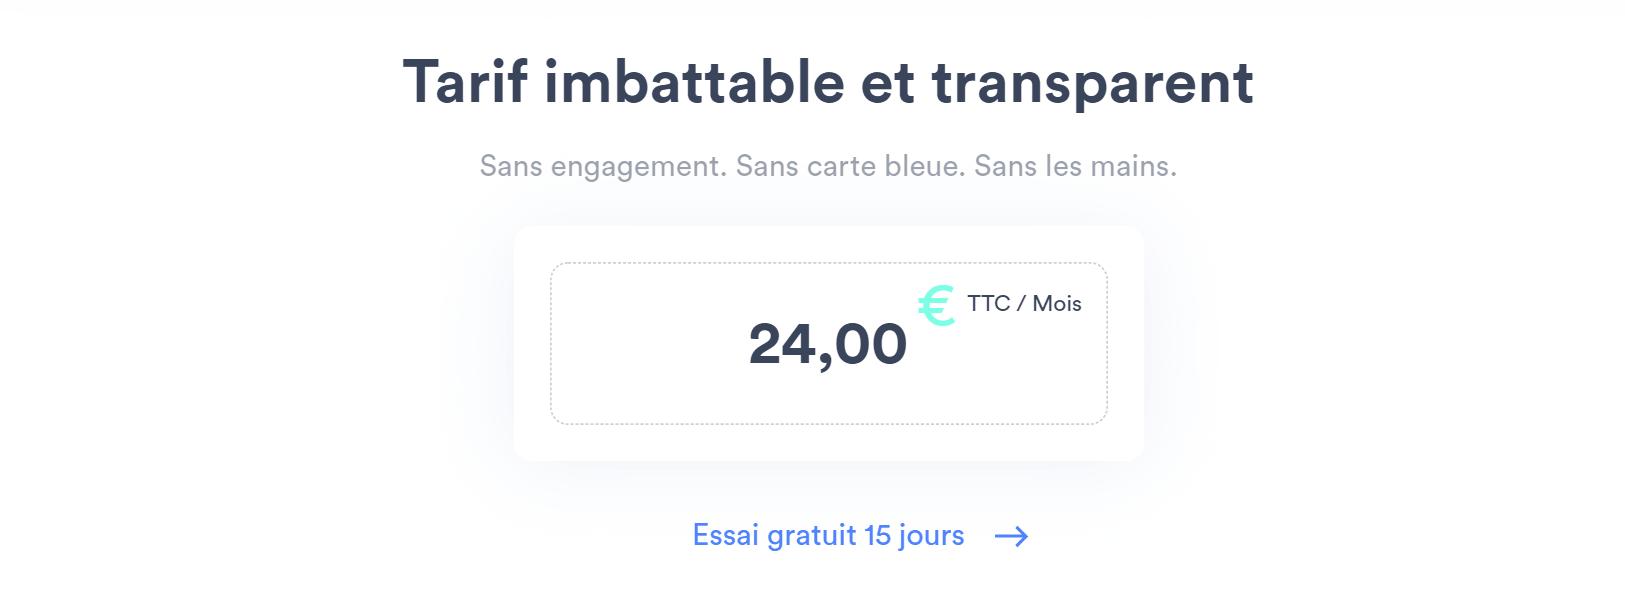 Tarif imbattable à 24€ TTC par mois